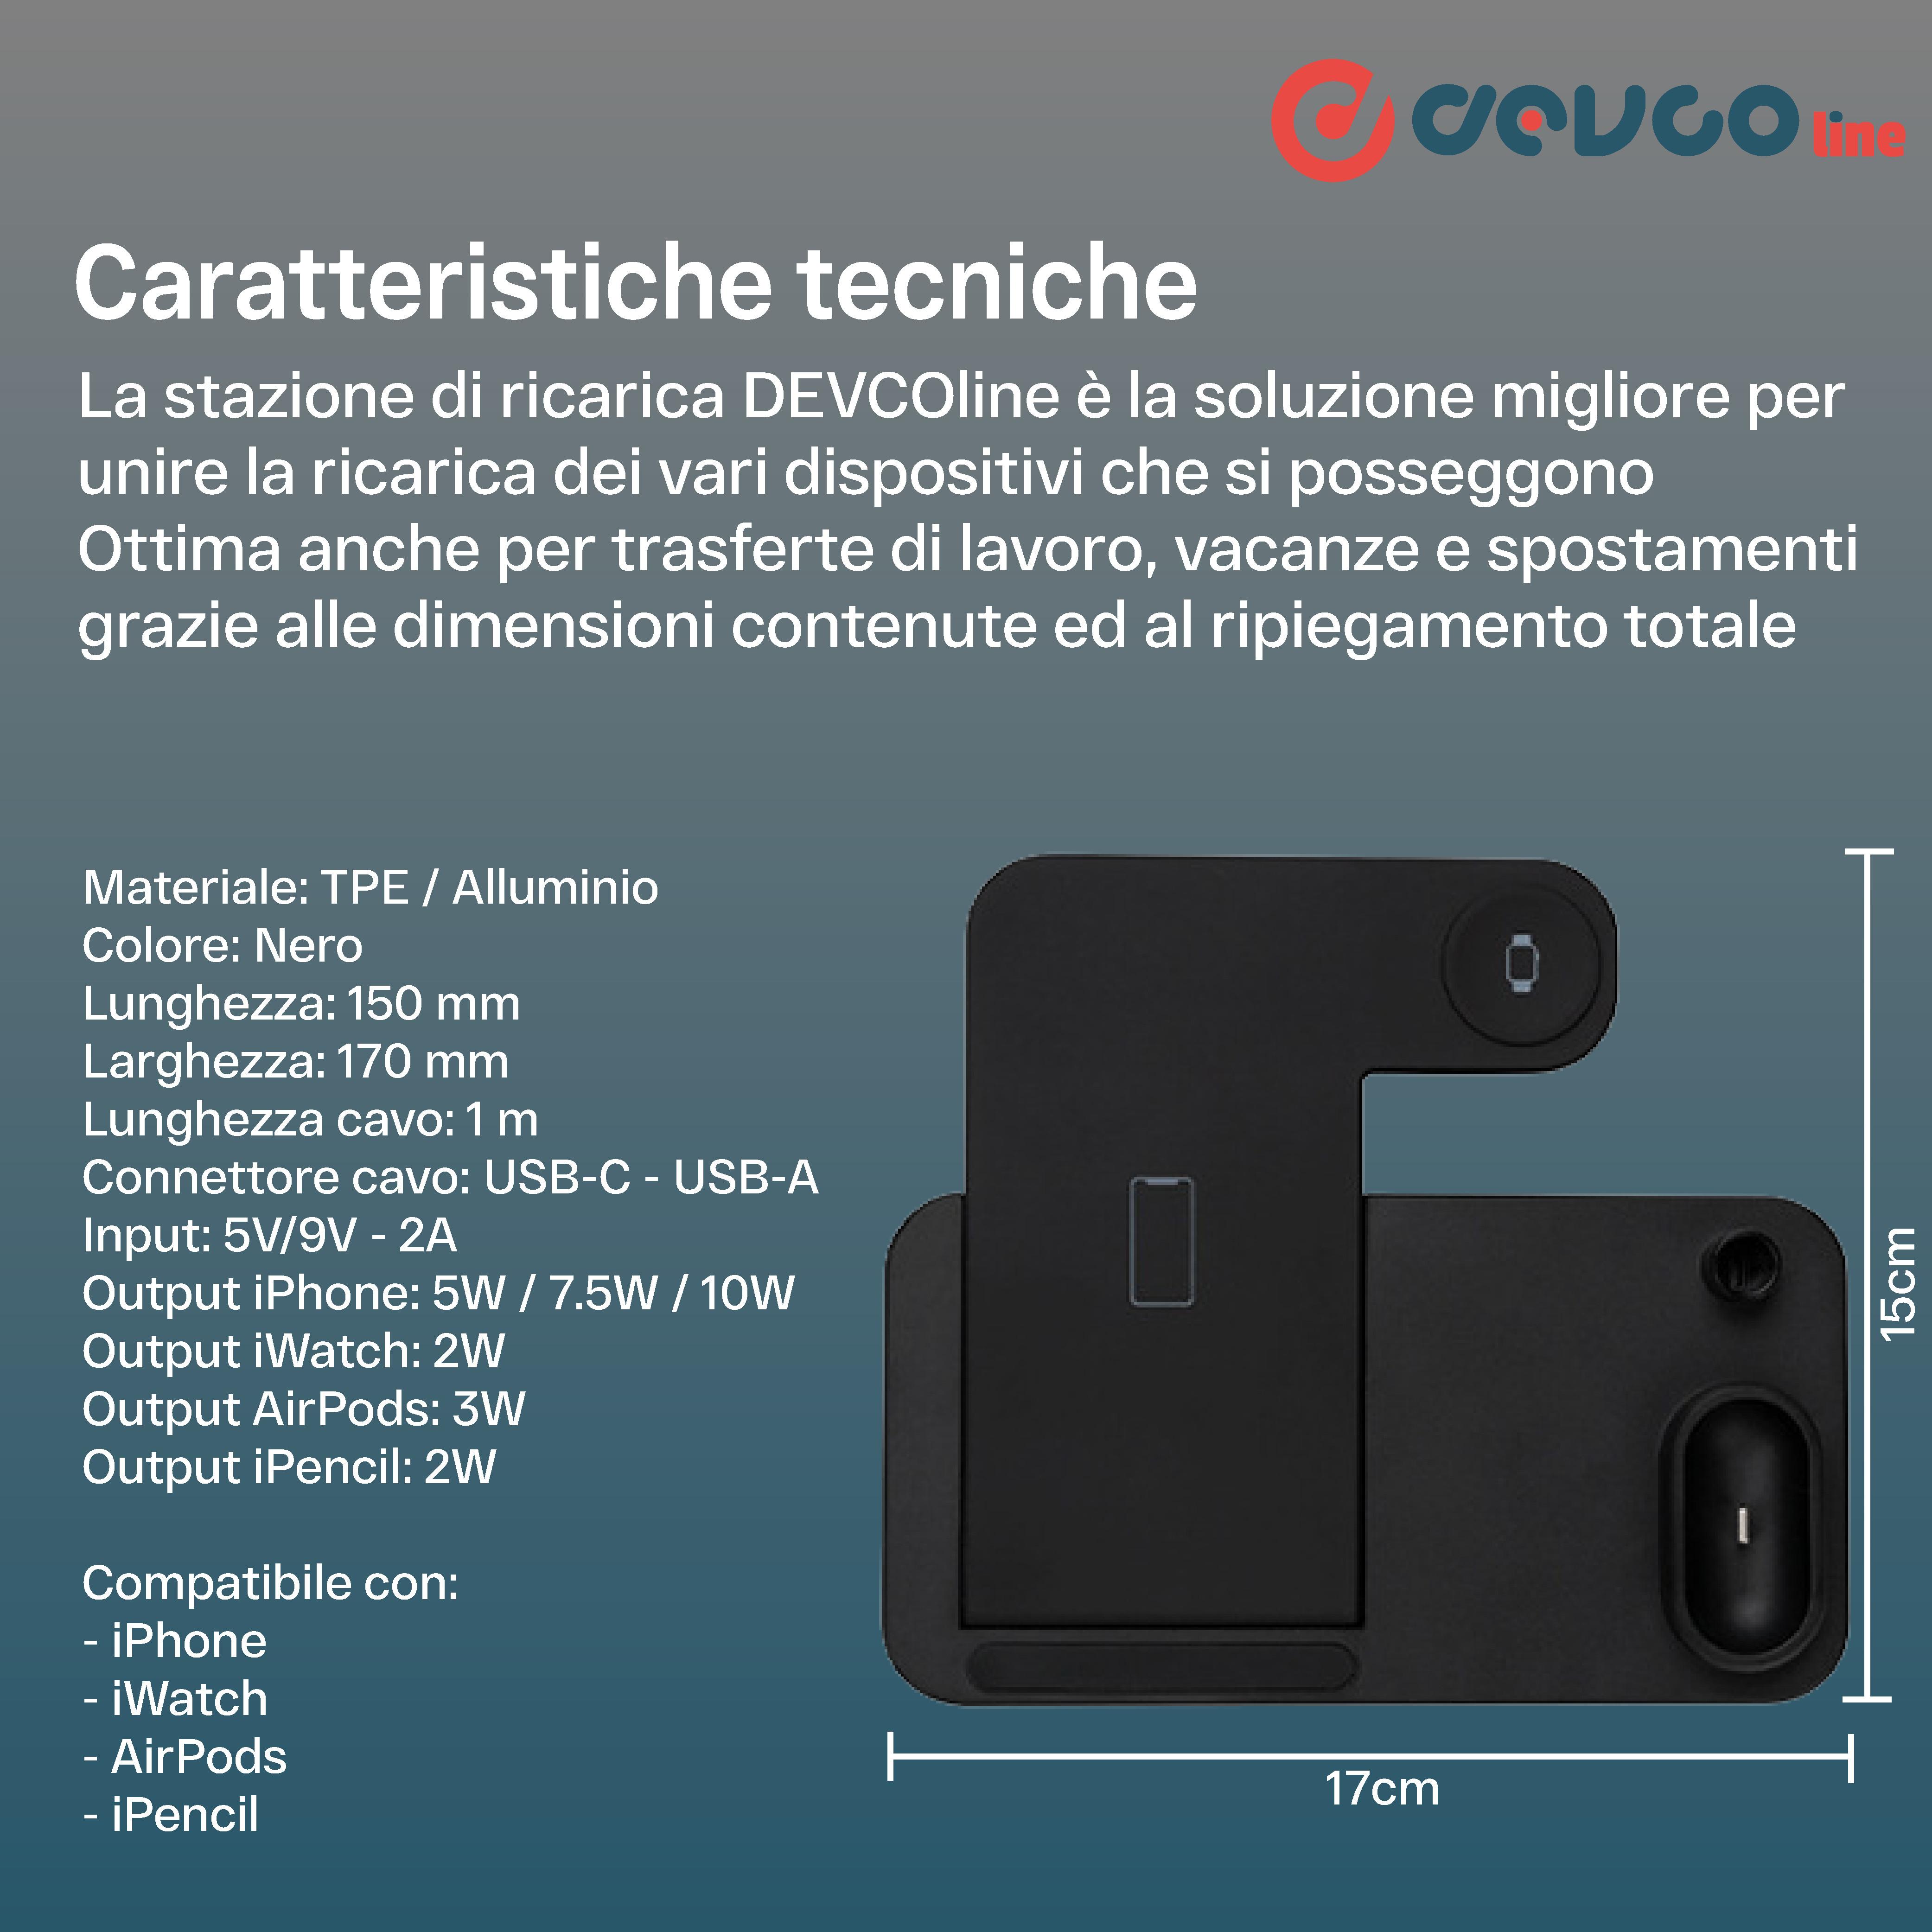 Stazione supporto di carica 4 in 1 compatibile con iPhone/iWatch/AirPods/iPencil